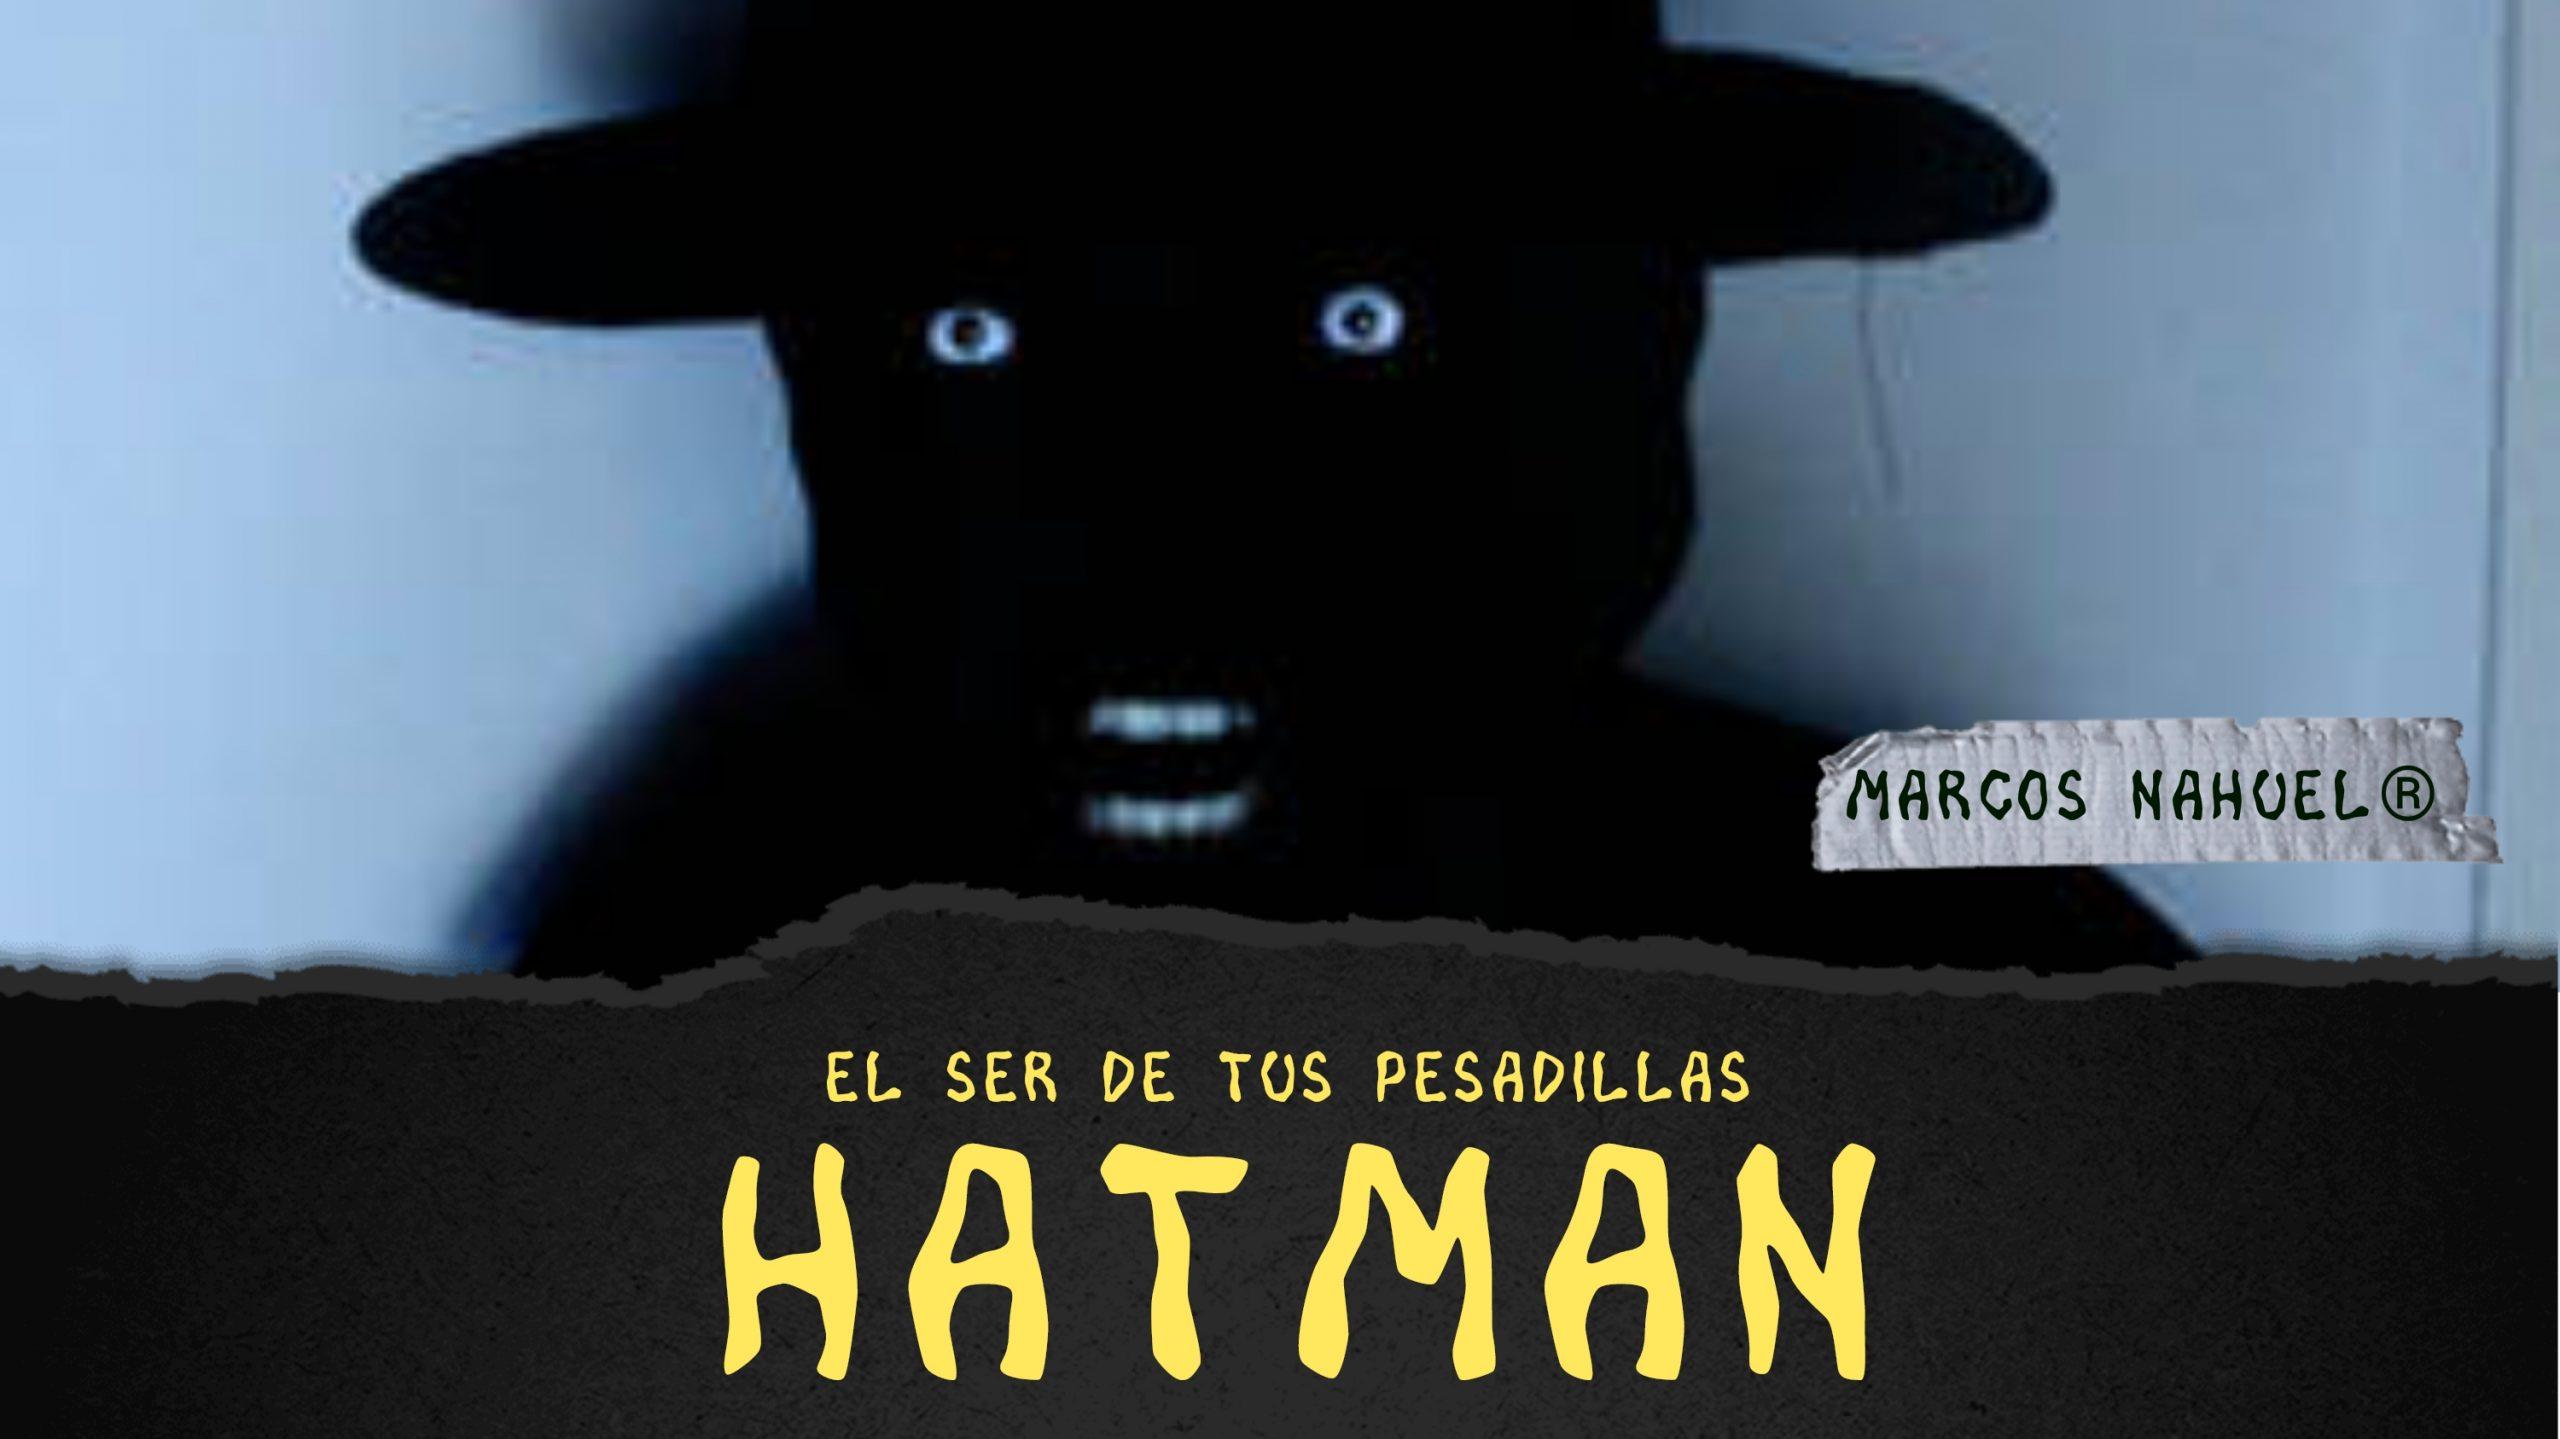 El HatMan: este es el ser que aparece en tus pesadillas